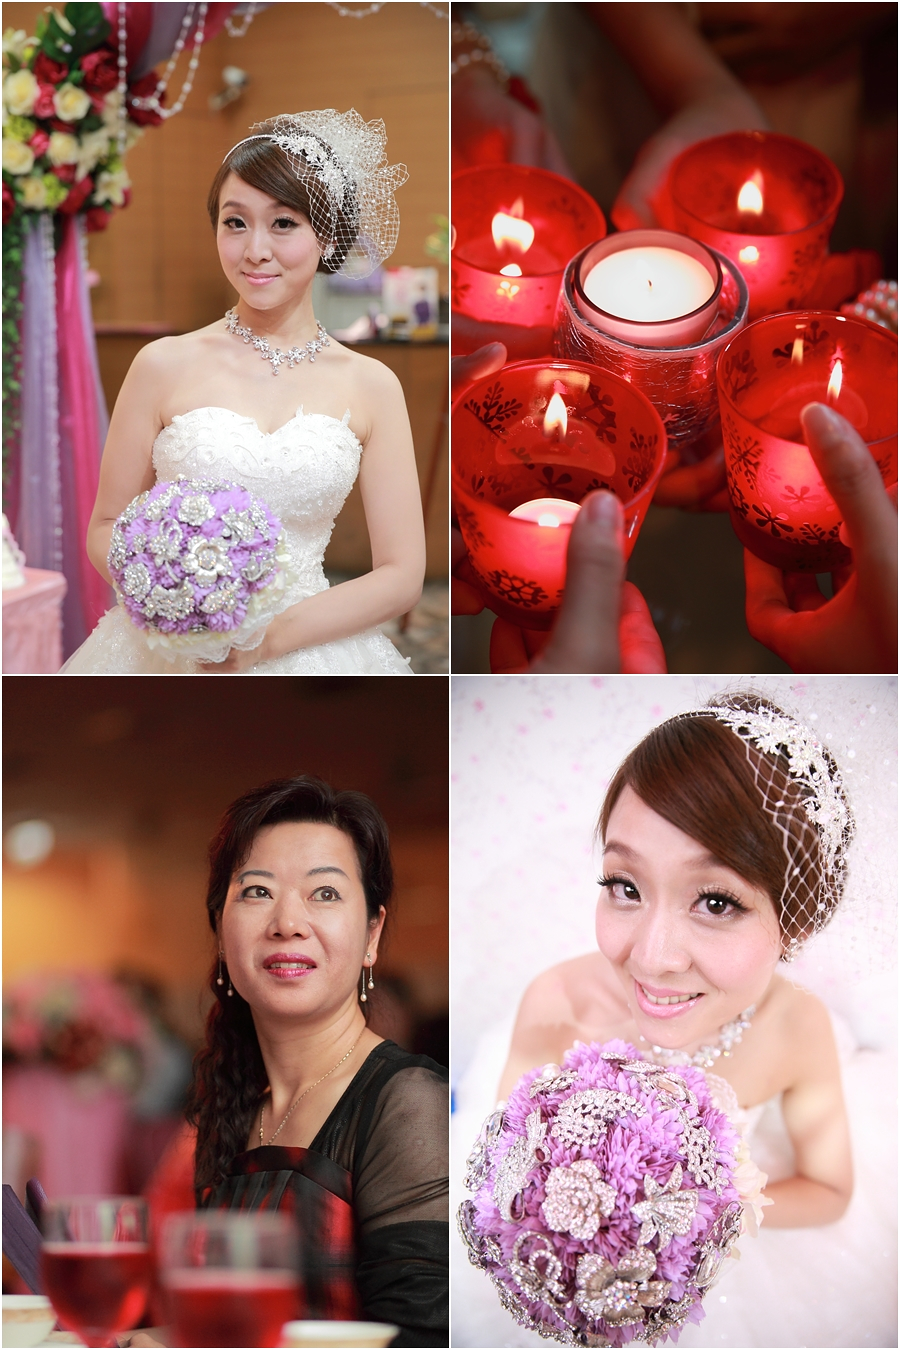 婚攝推薦,婚攝,婚禮記錄,搖滾雙魚,台南金冠餐廳